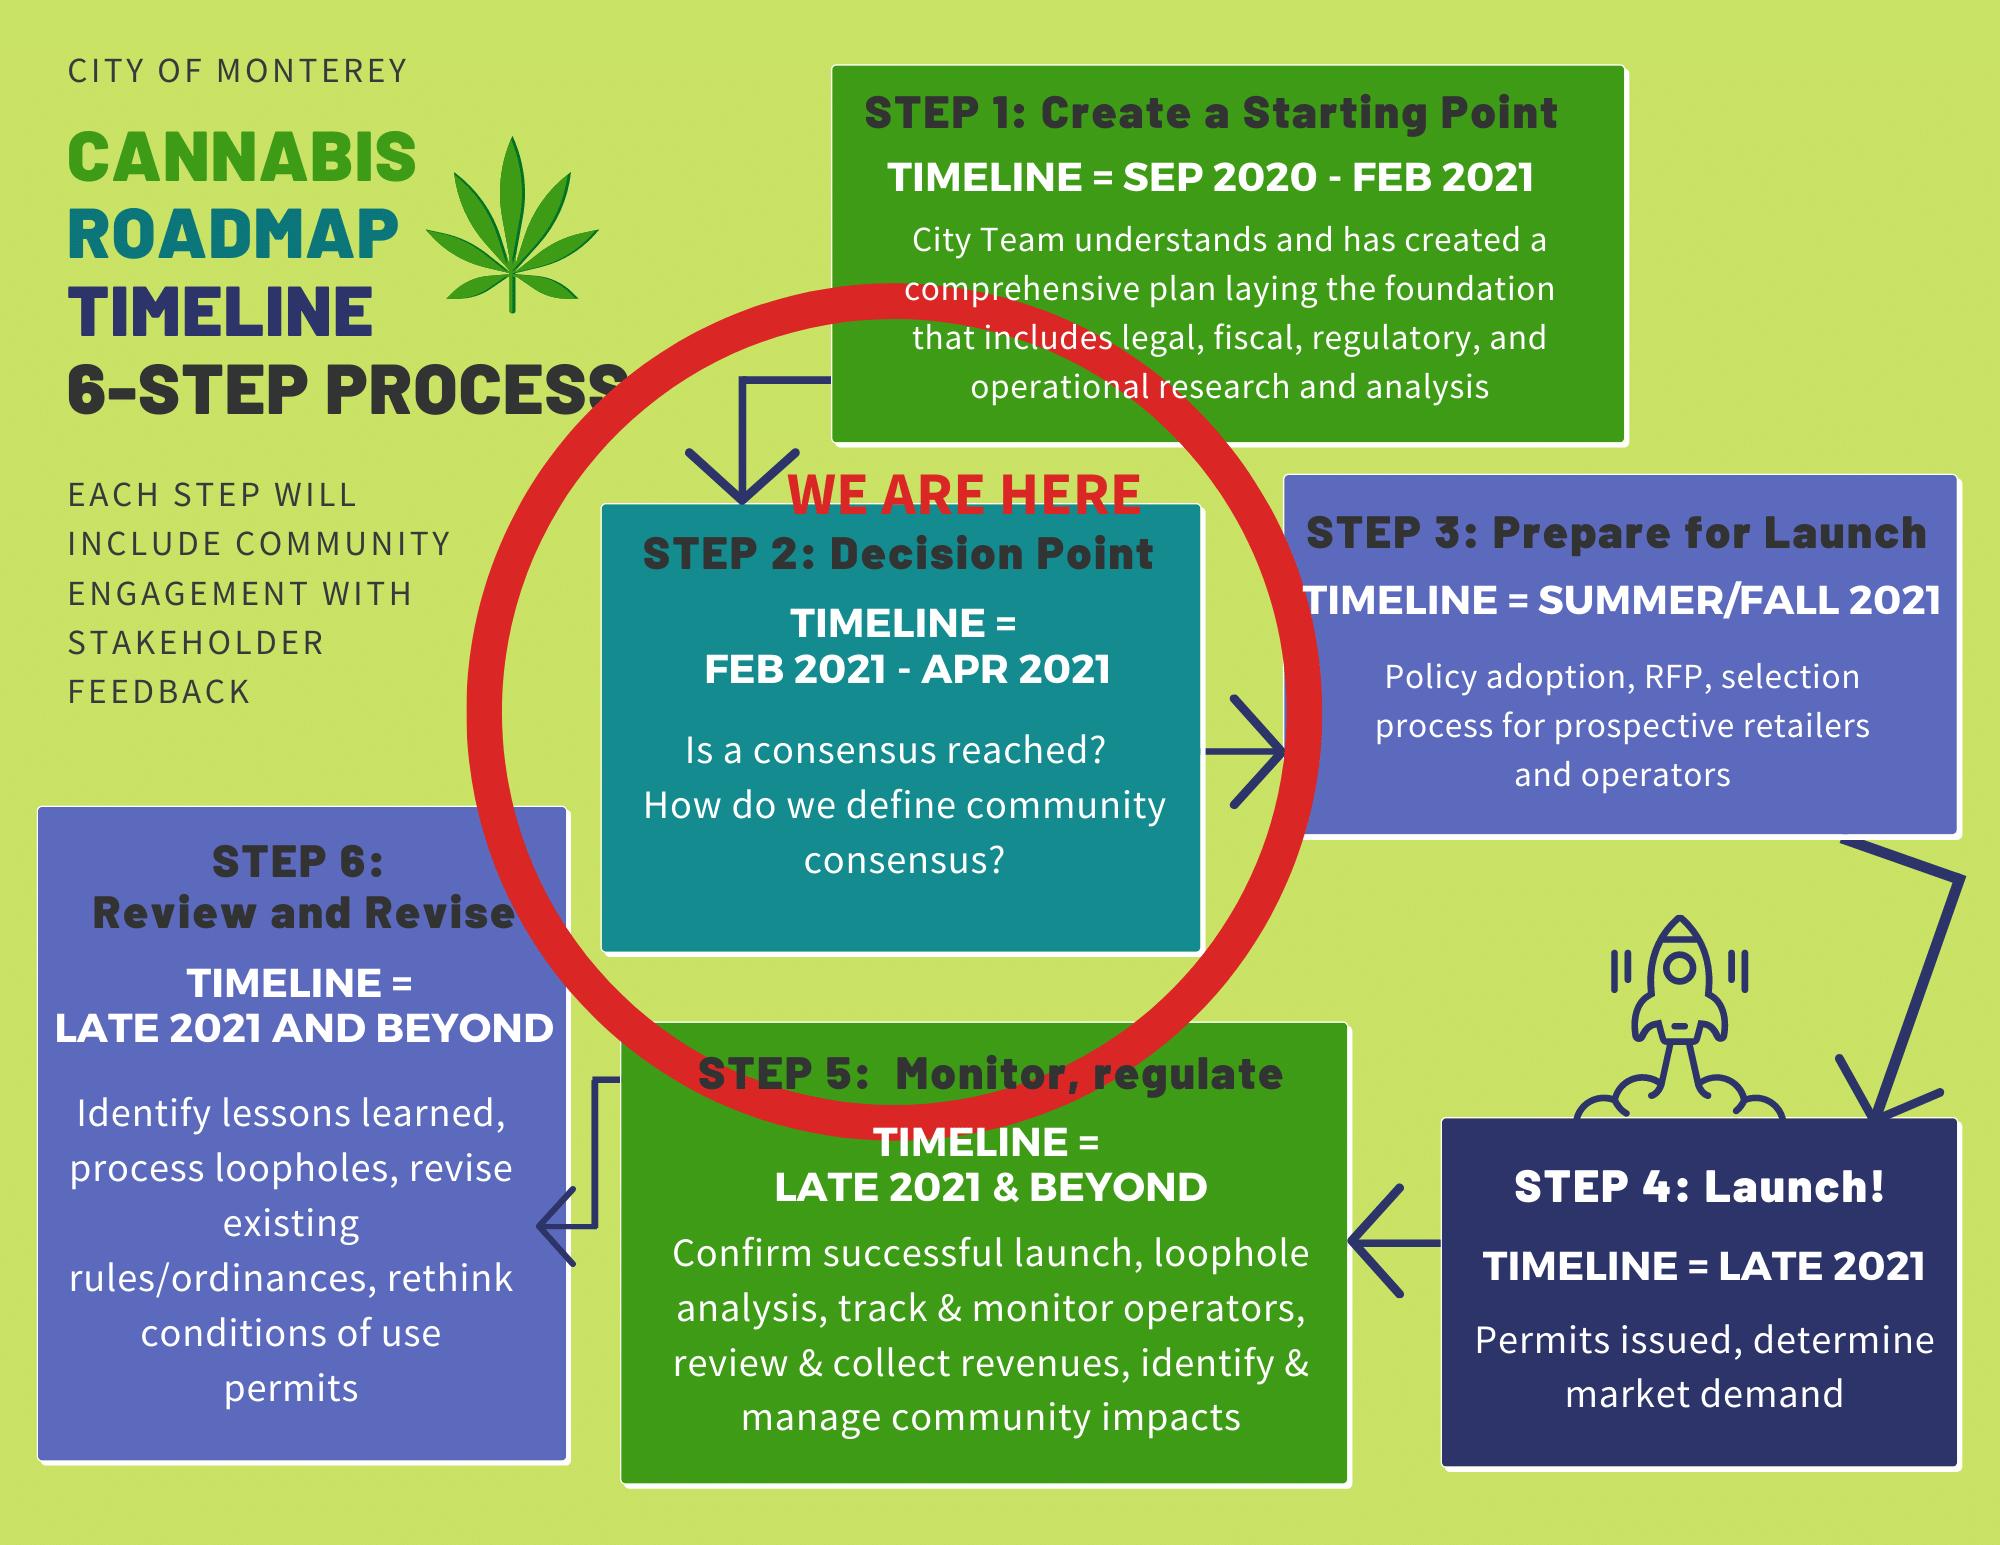 Cannabis Roadmap